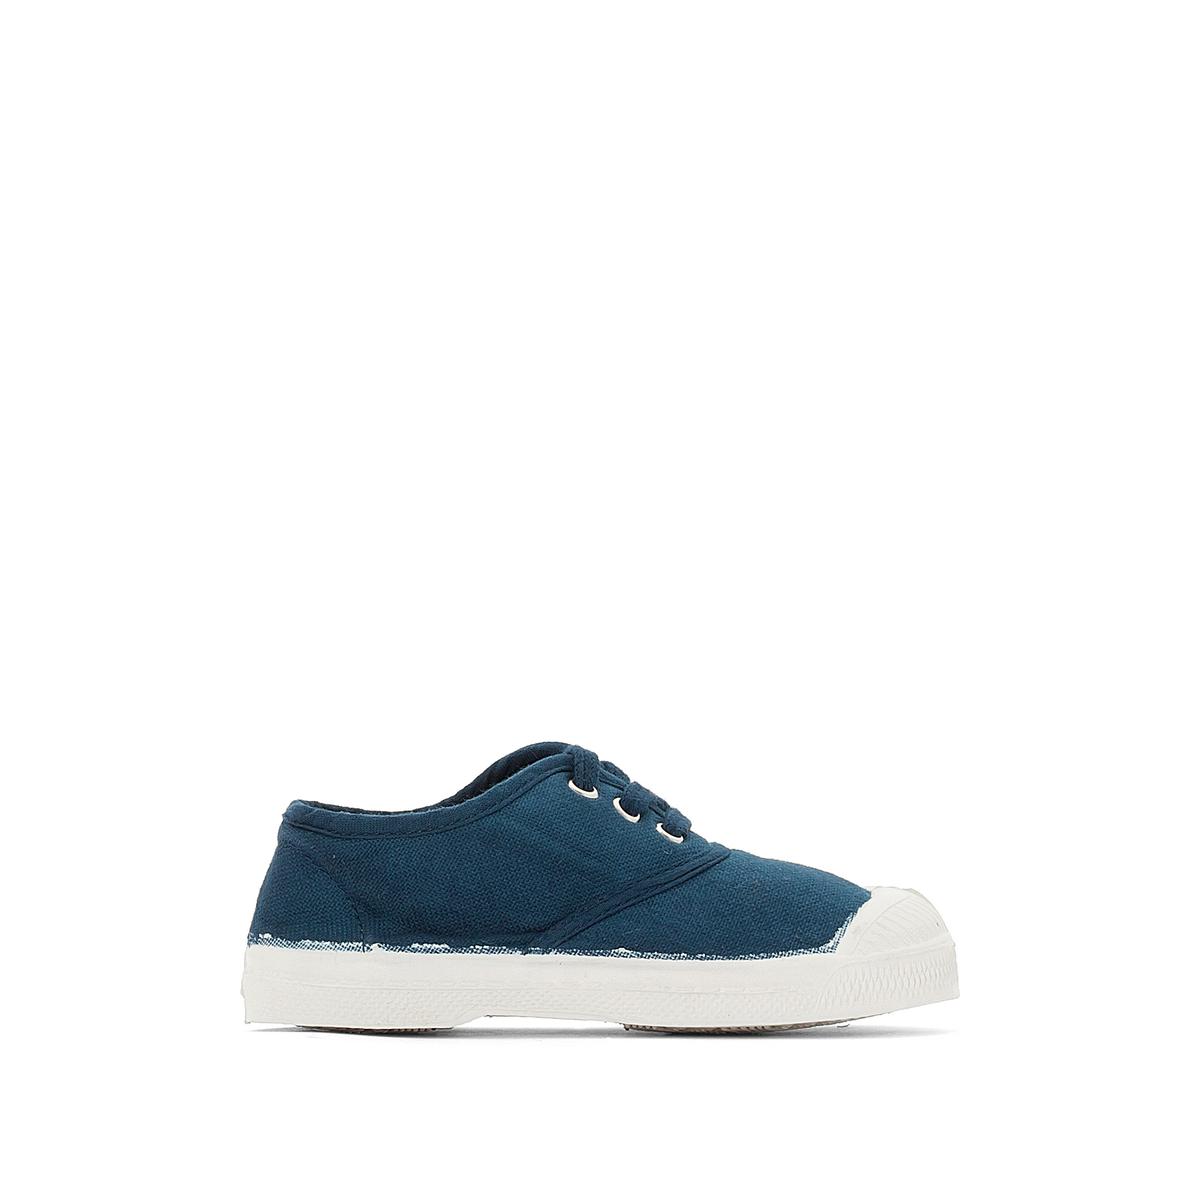 Кеды базовые на шнуровкеПодкладка : хлопок             Стелька : хлопок             Подошва : каучук             Форма каблука : плоский             Мысок : закругленный мысок             Застежка : шнуровка<br><br>Цвет: голубой бирюзовый<br>Размер: 35